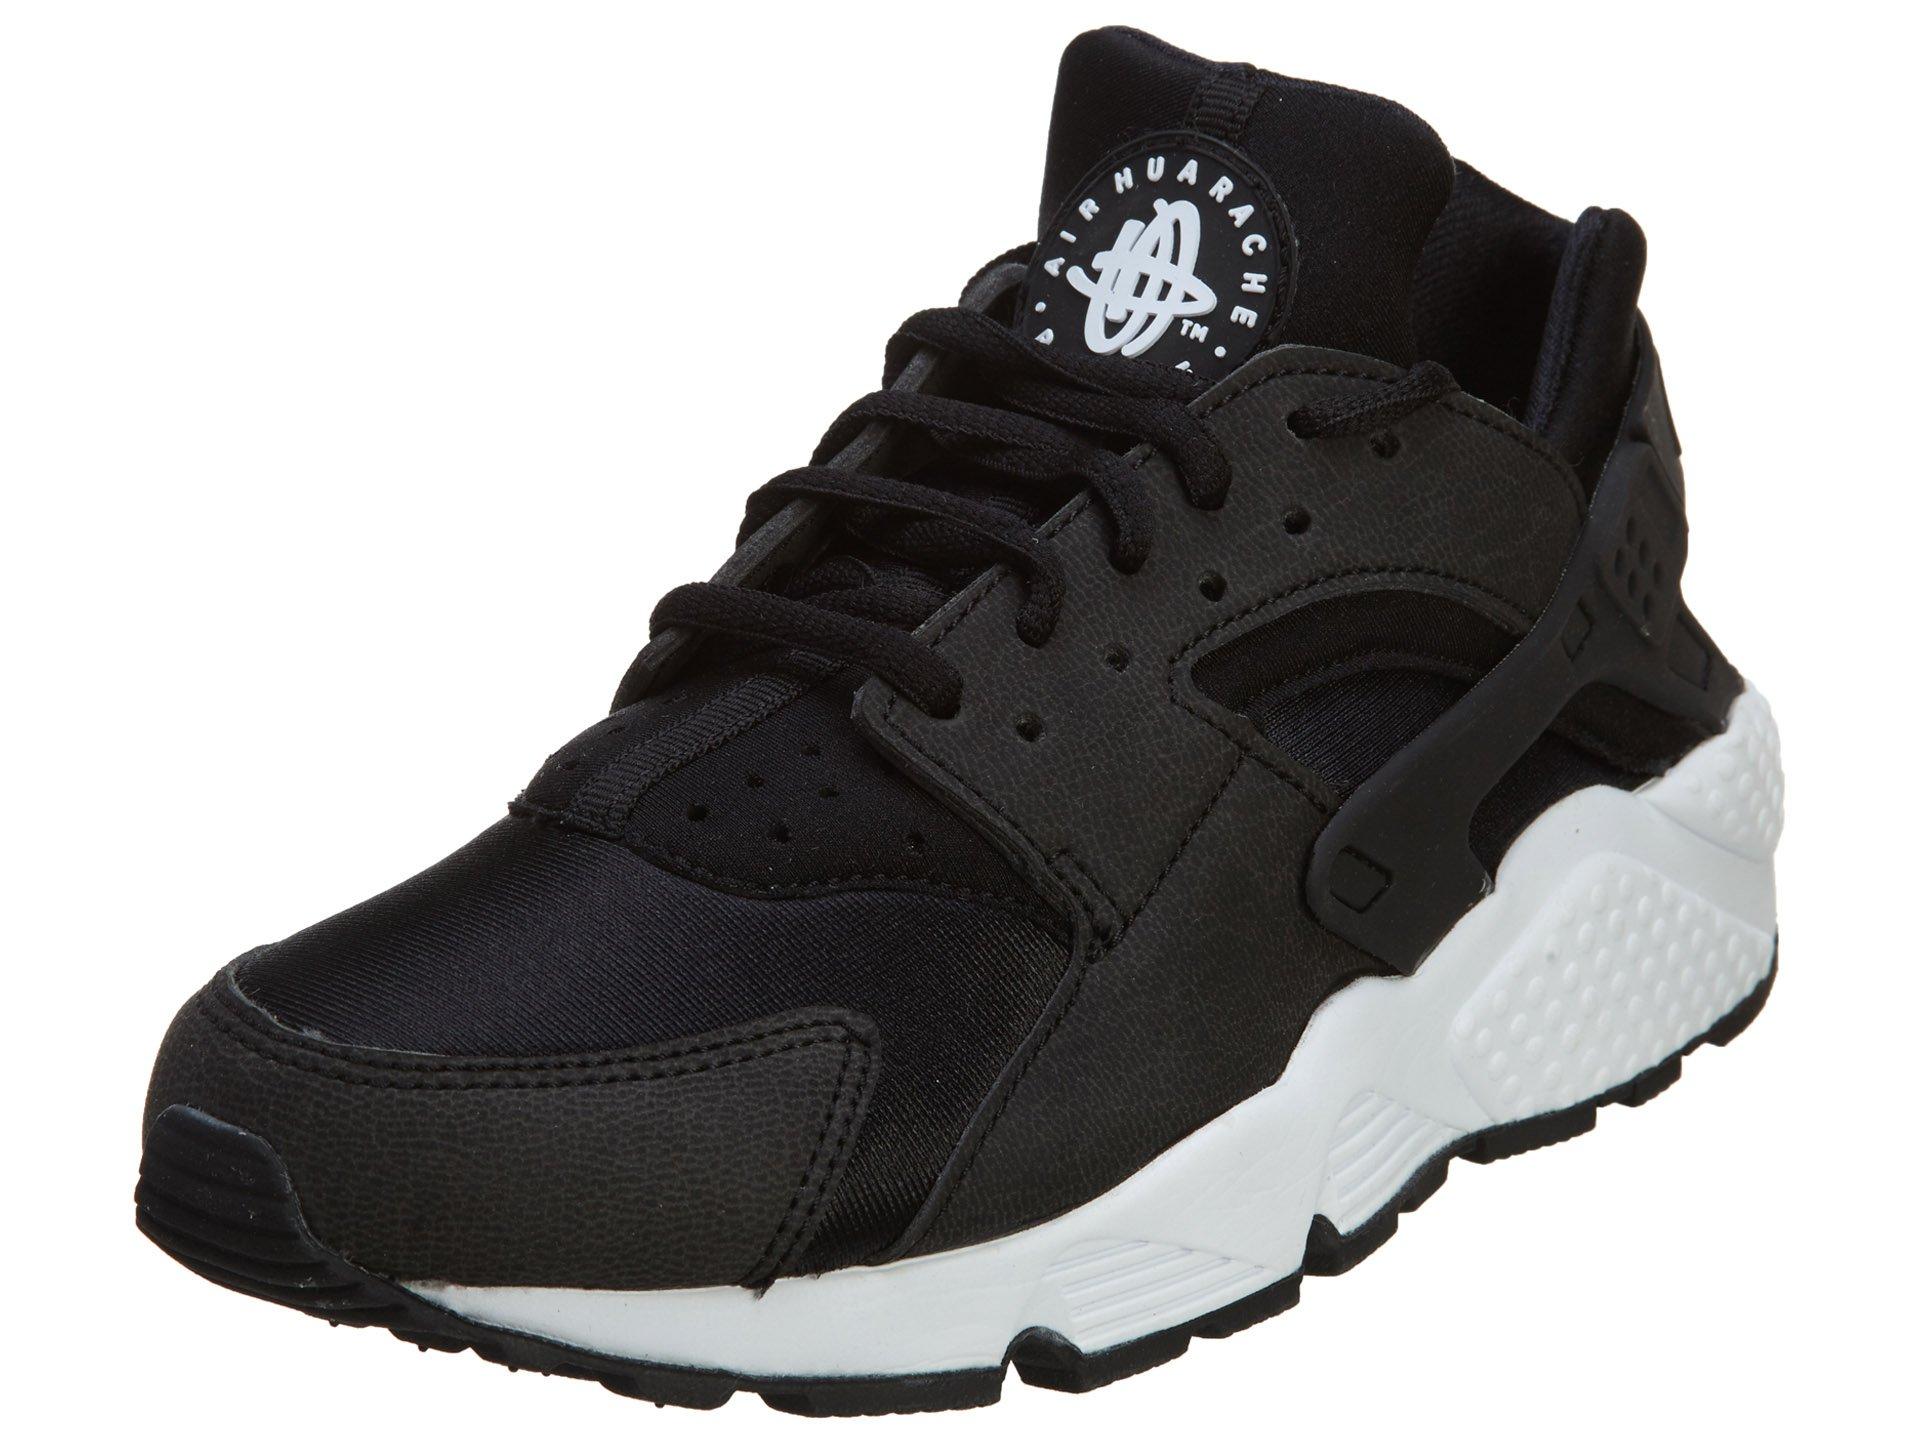 ddbf3d74afcc9 Galleon - Nike - WMNS AIR Huarache Run  634835-006  Black Black White 8